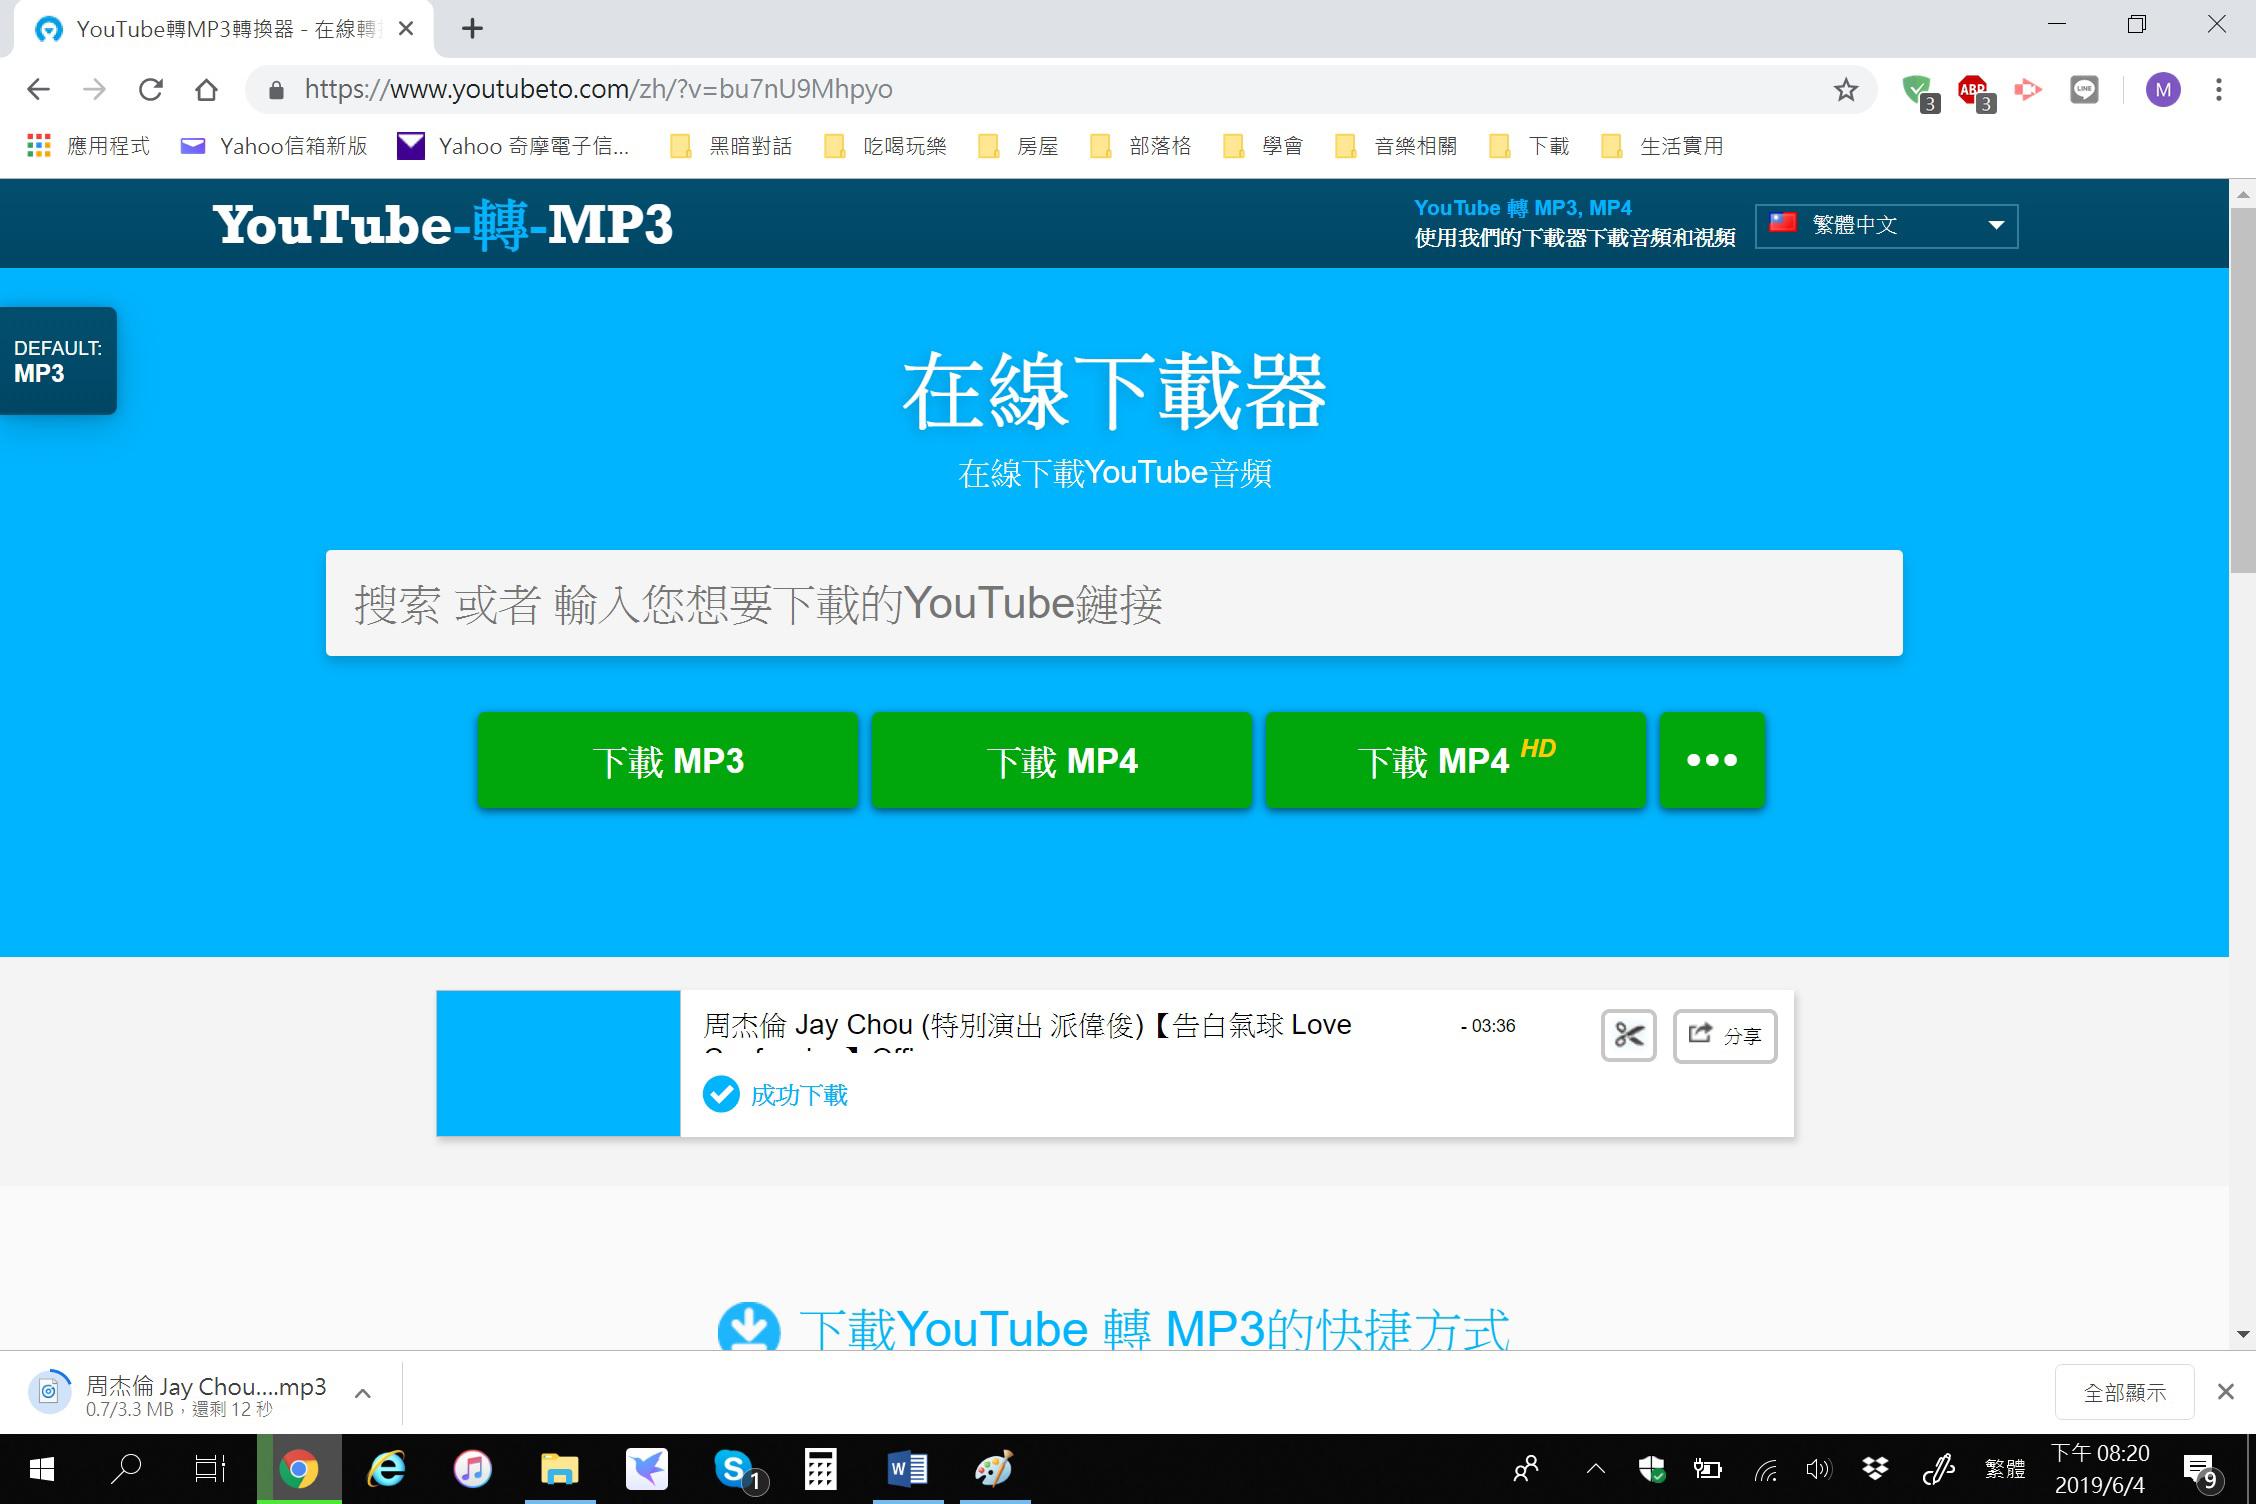 是正在下載的畫面,螢幕左下角會有正在下載的相關訊息,NVDA也會報讀。